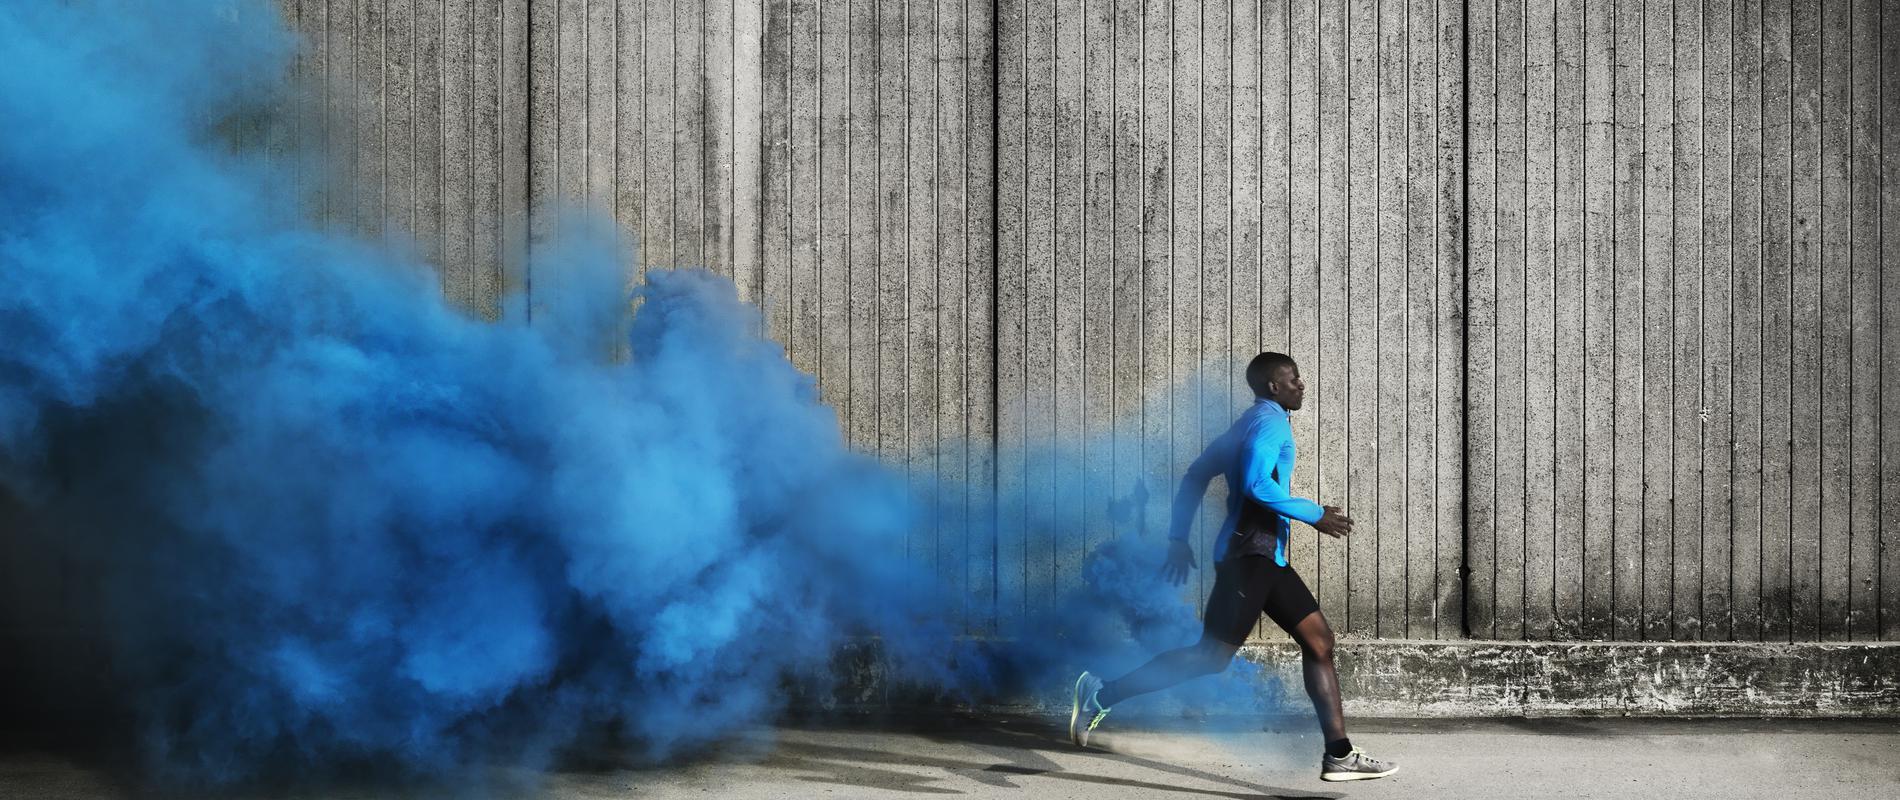 Sept choses que vous ne savez pas sur la couleur bleue